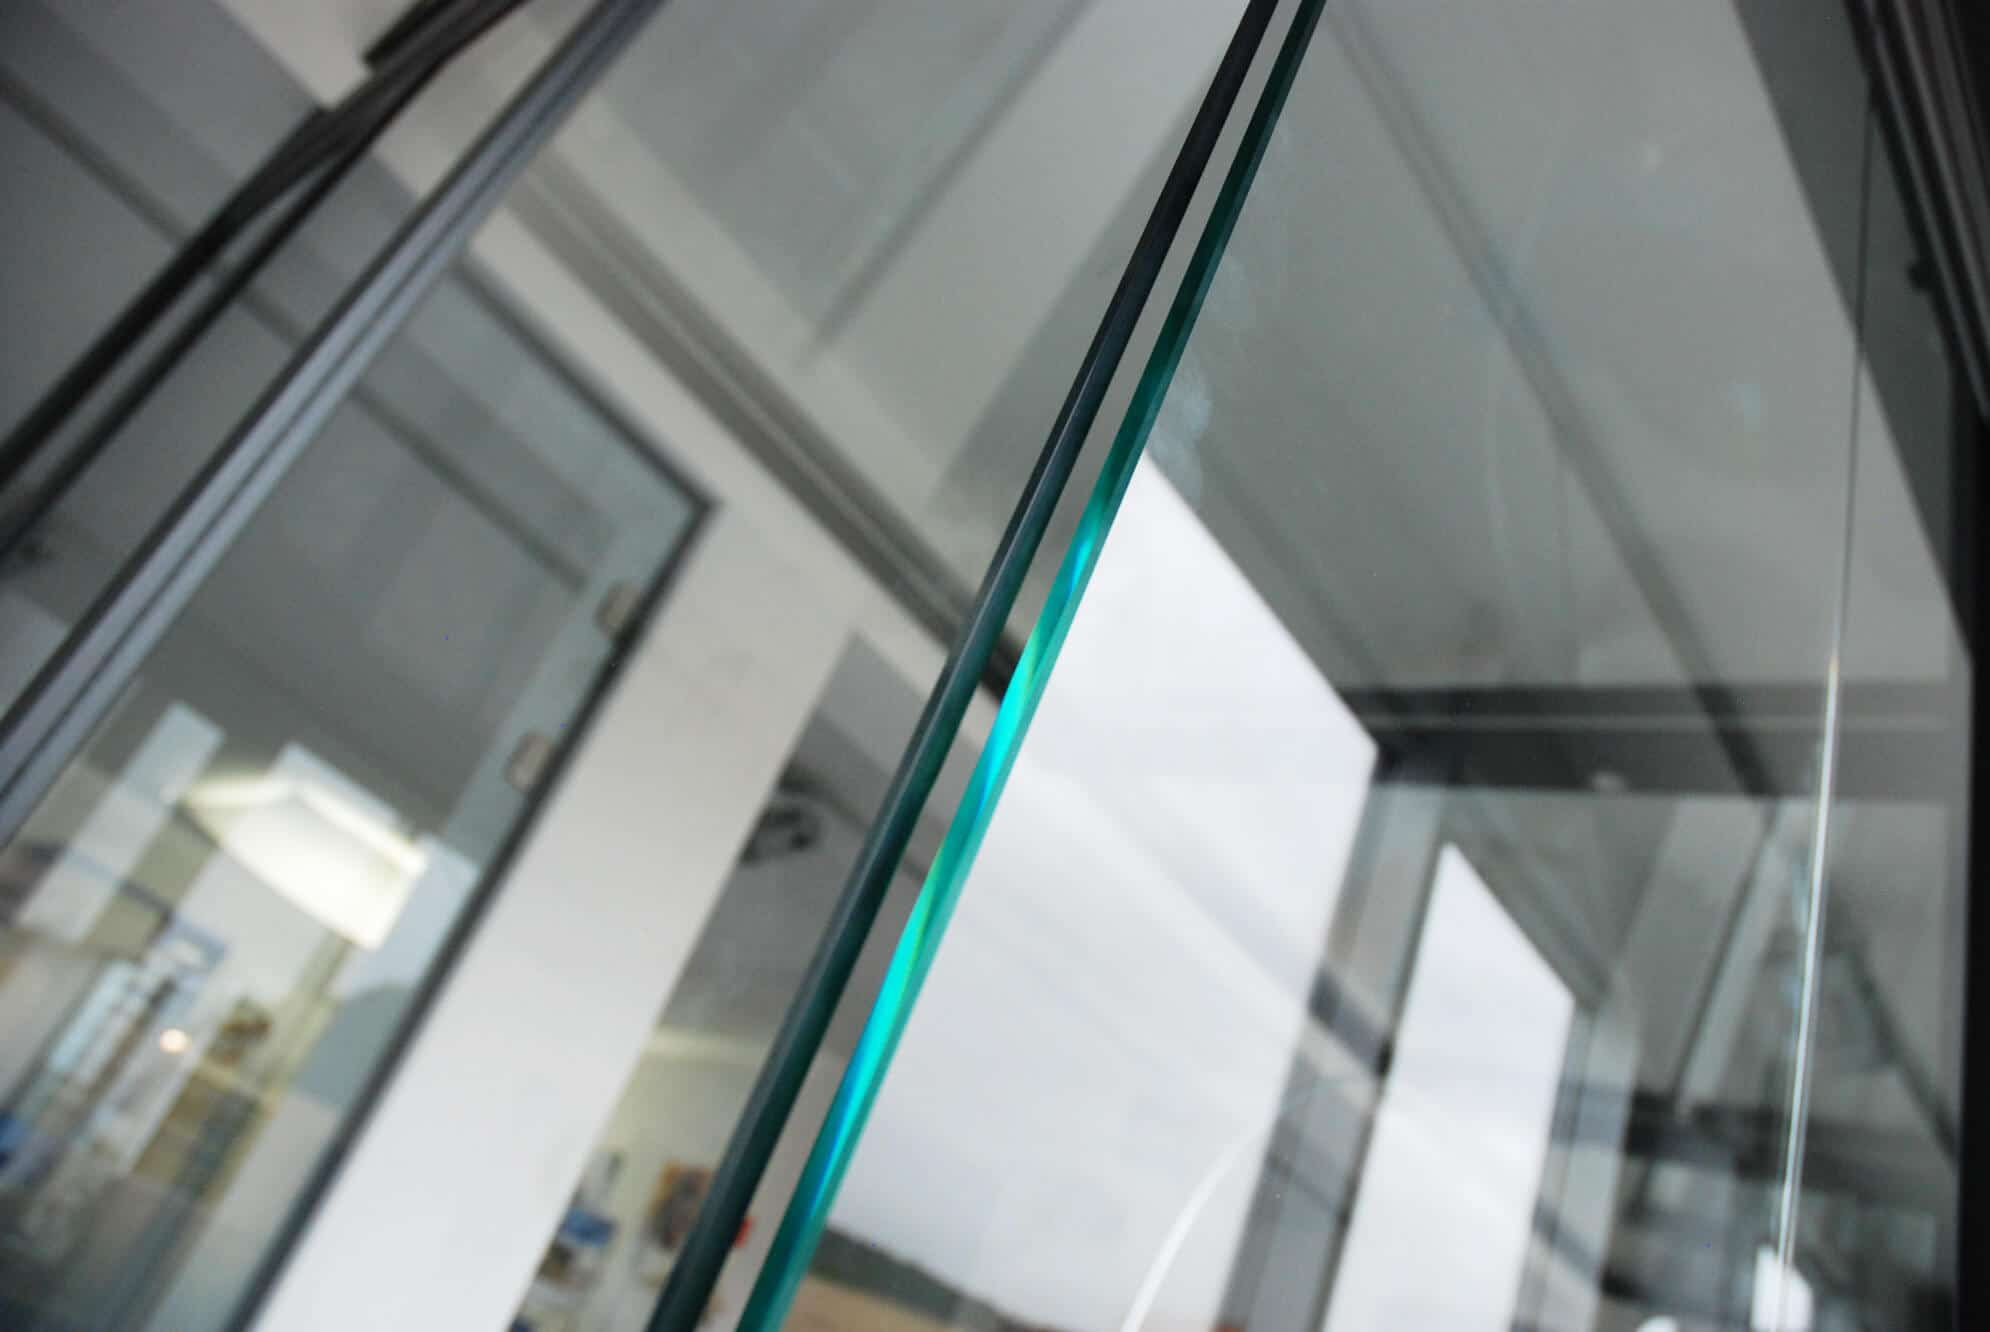 Rahmenlose Schiebe-Dreh-Systeme mit Nurglaseck